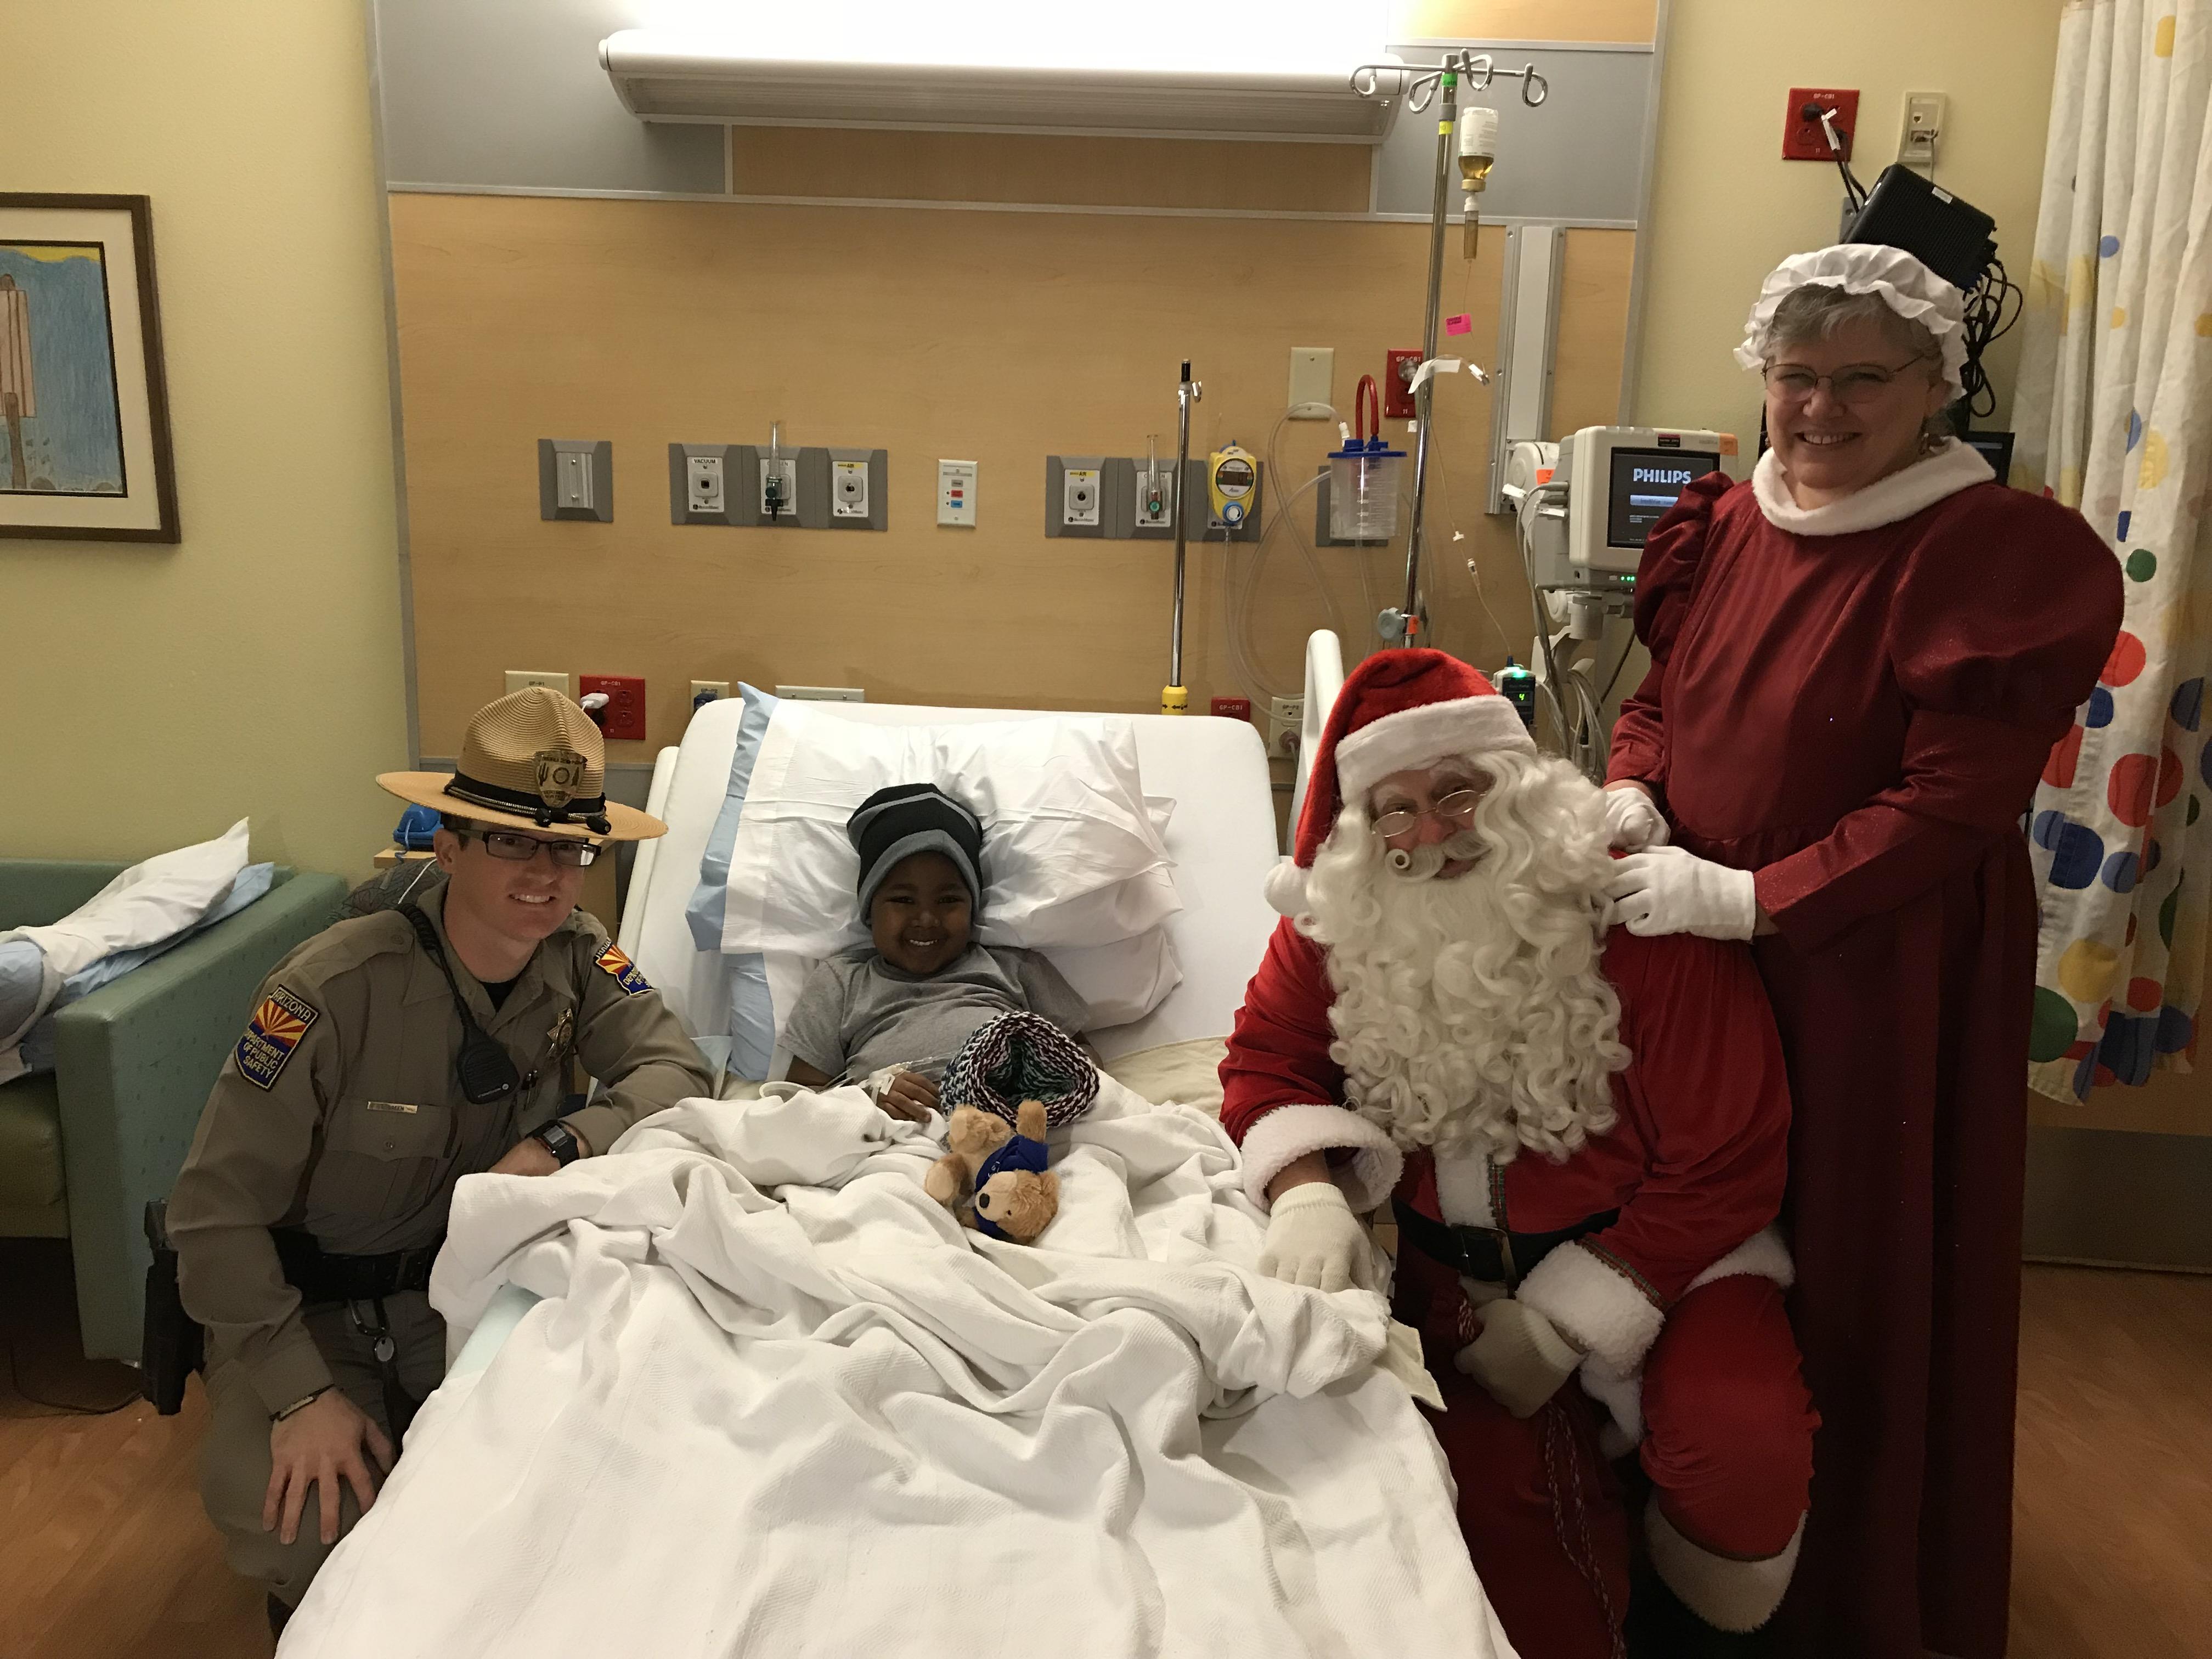 Santa in hospital